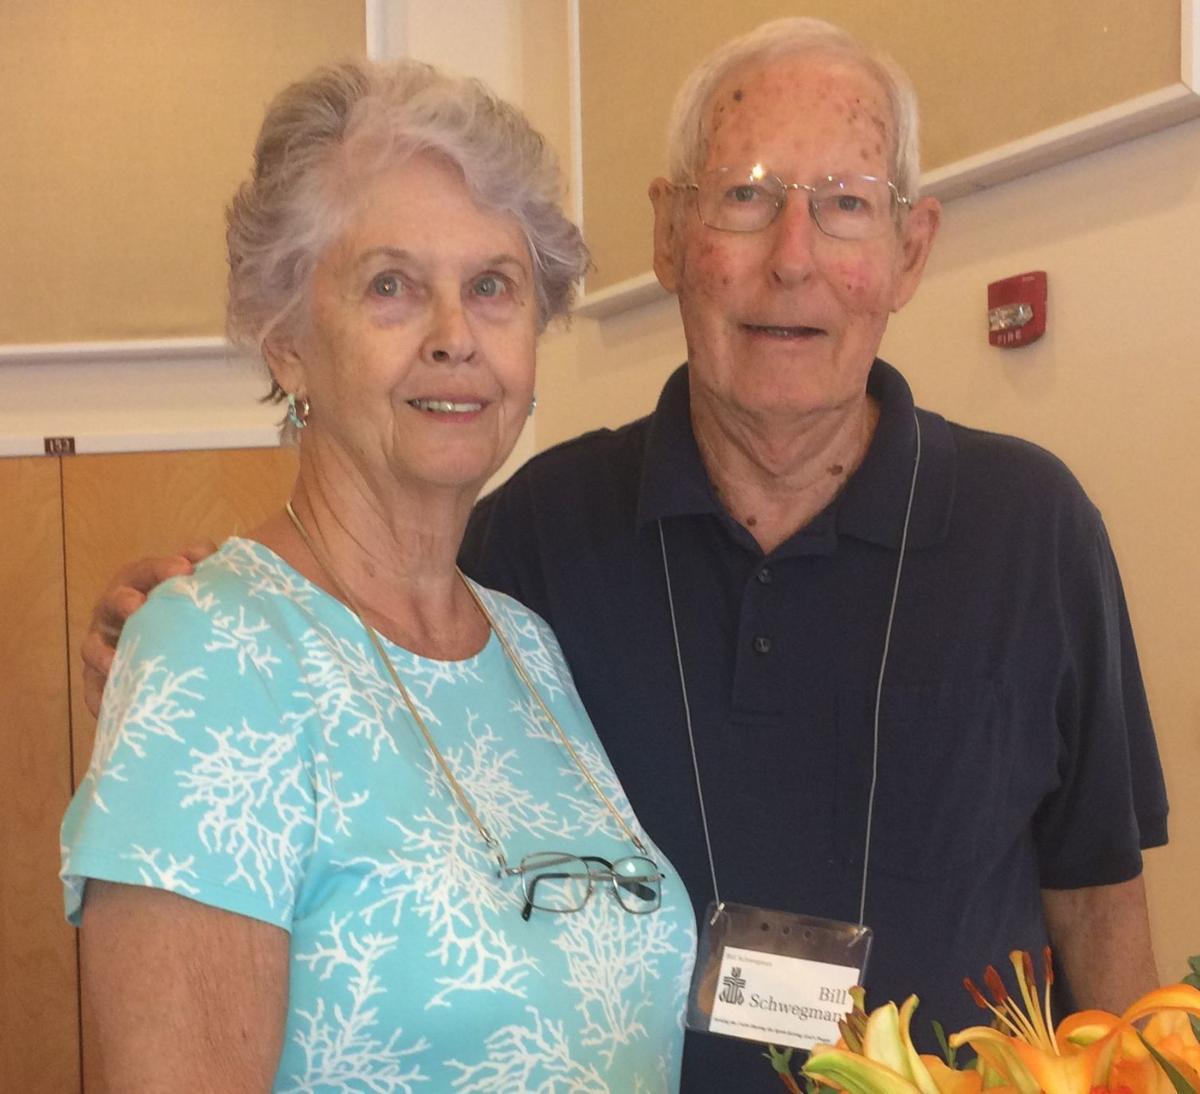 Bill and Judy Schwegman